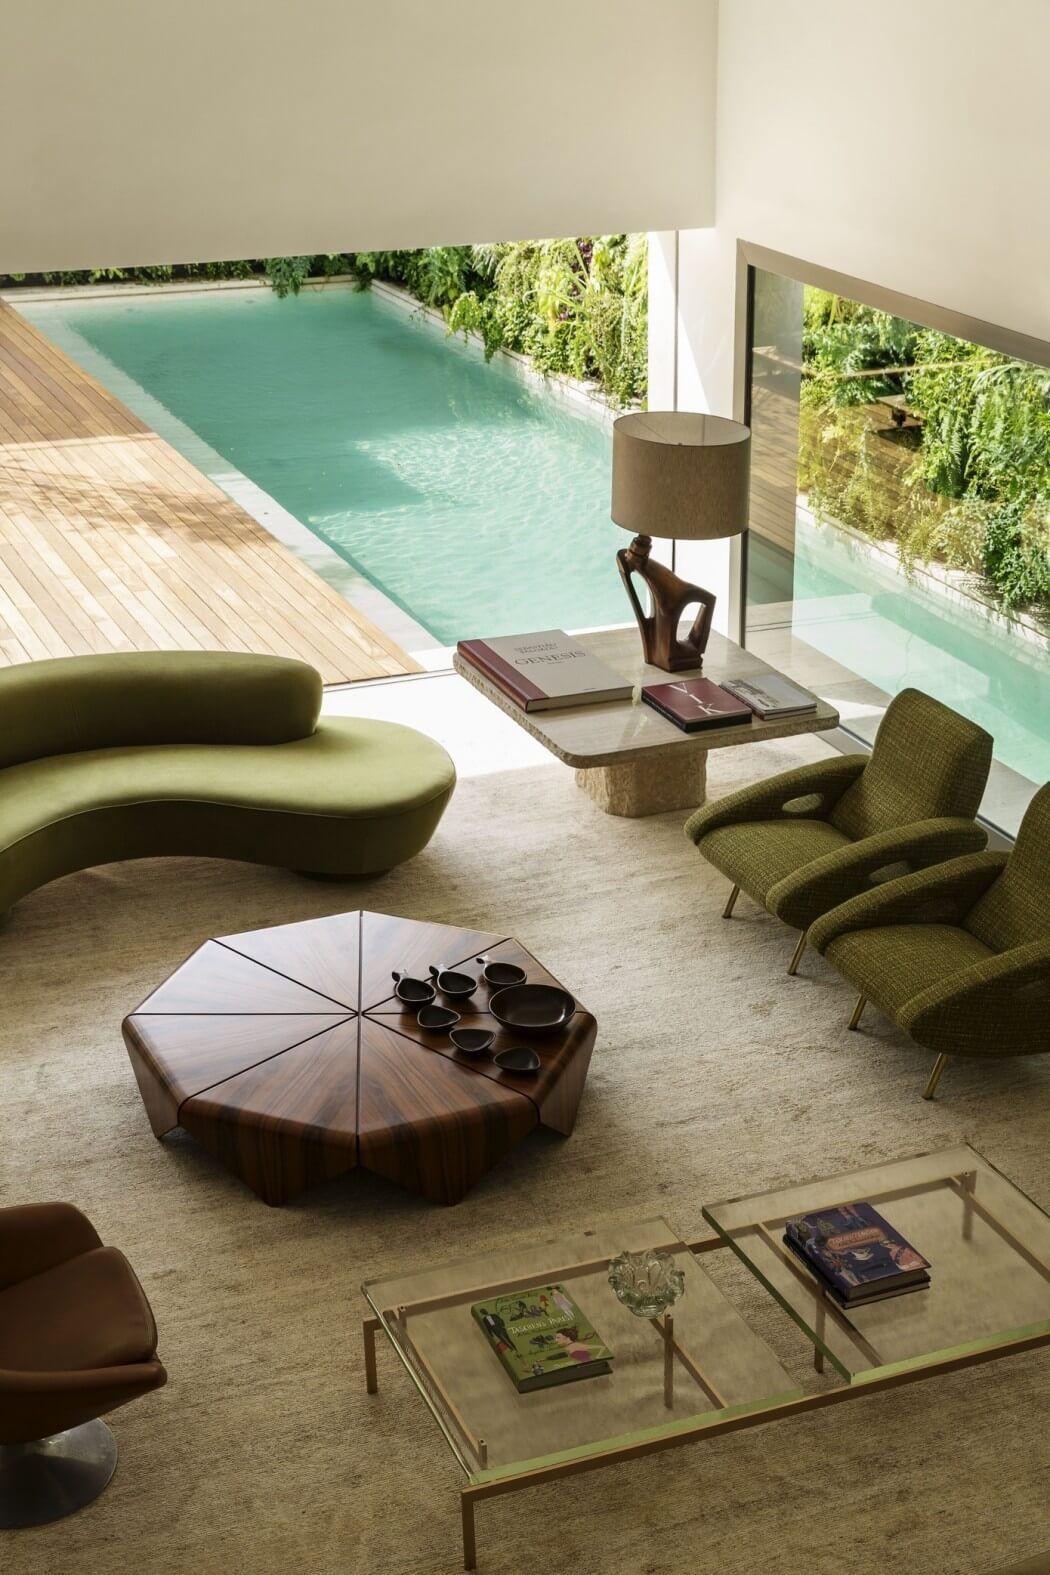 ds housestudio arthur casas | homeadore | architecture